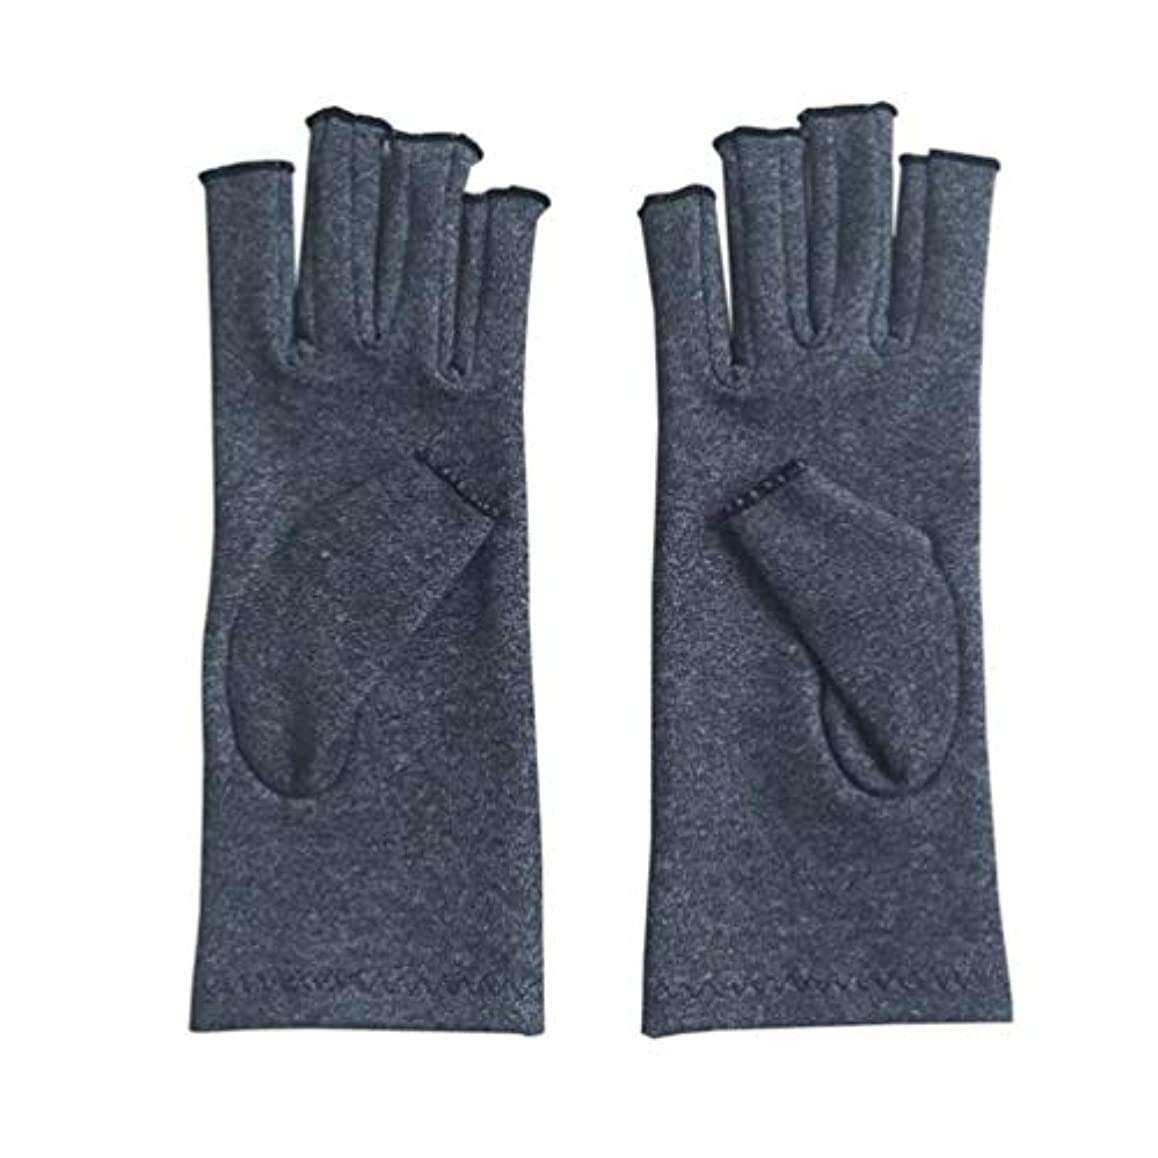 スラック領事館逃すペア/セットの快適な男性の女性療法の圧縮手袋無地の通気性関節炎の関節の痛みを軽減する手袋 - グレーS